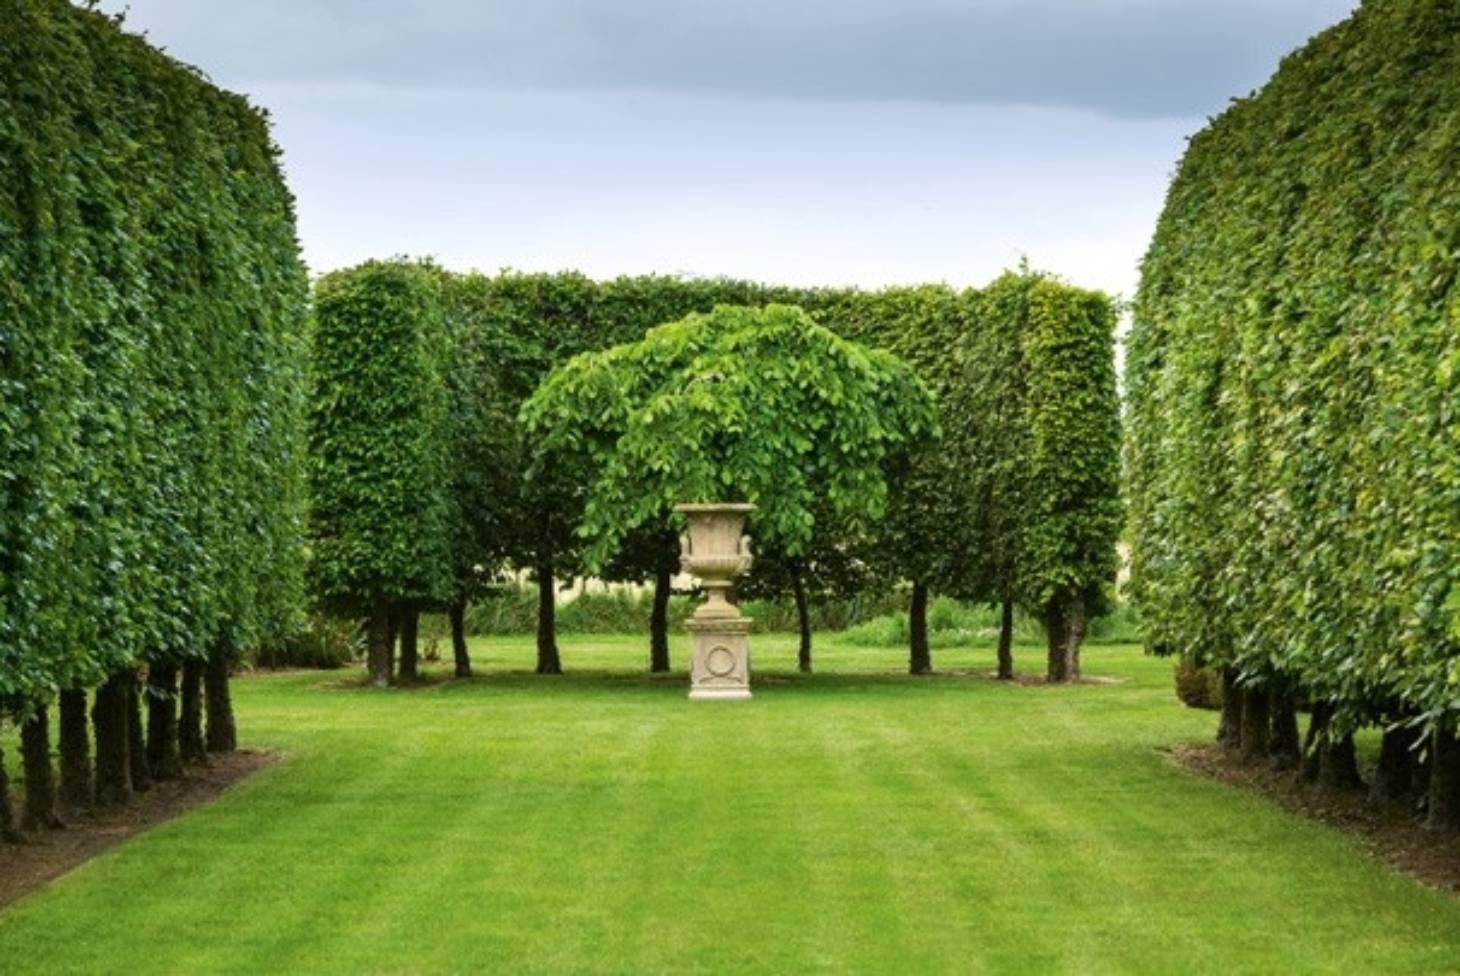 Garden In Palmerston North Stuff Co Nz